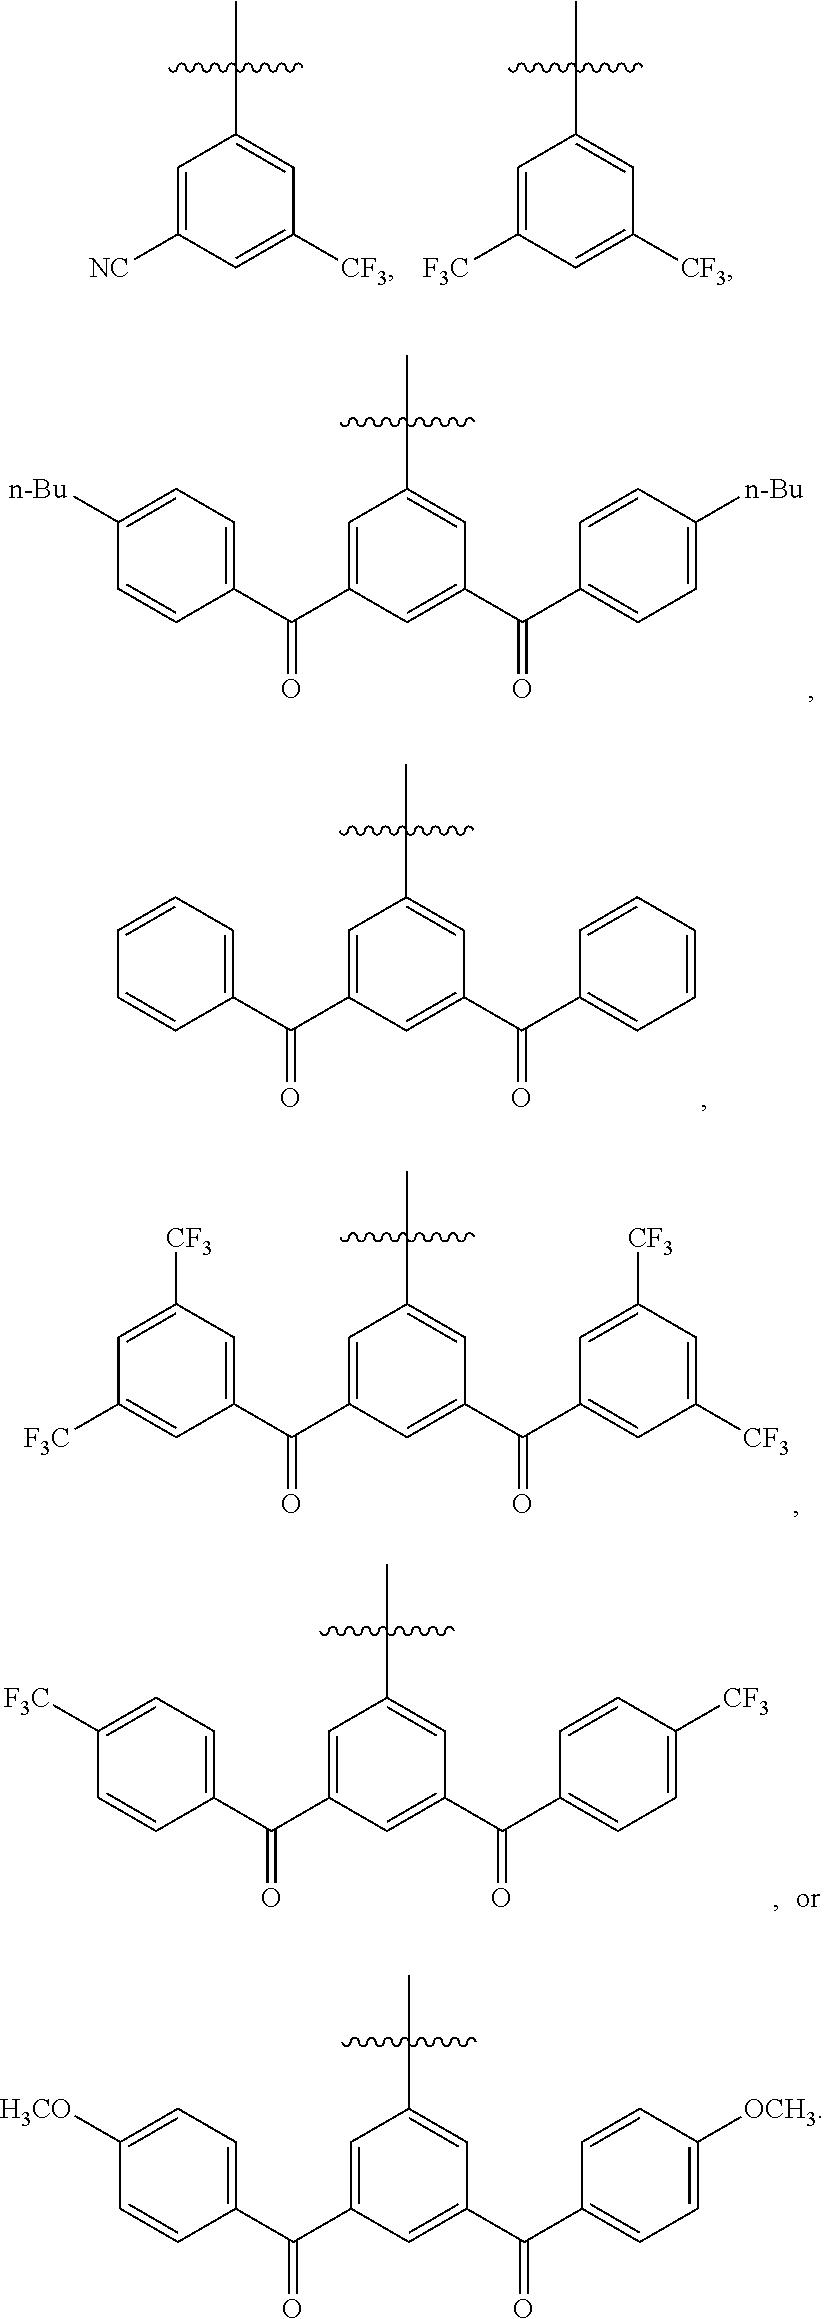 Figure US09595682-20170314-C00016